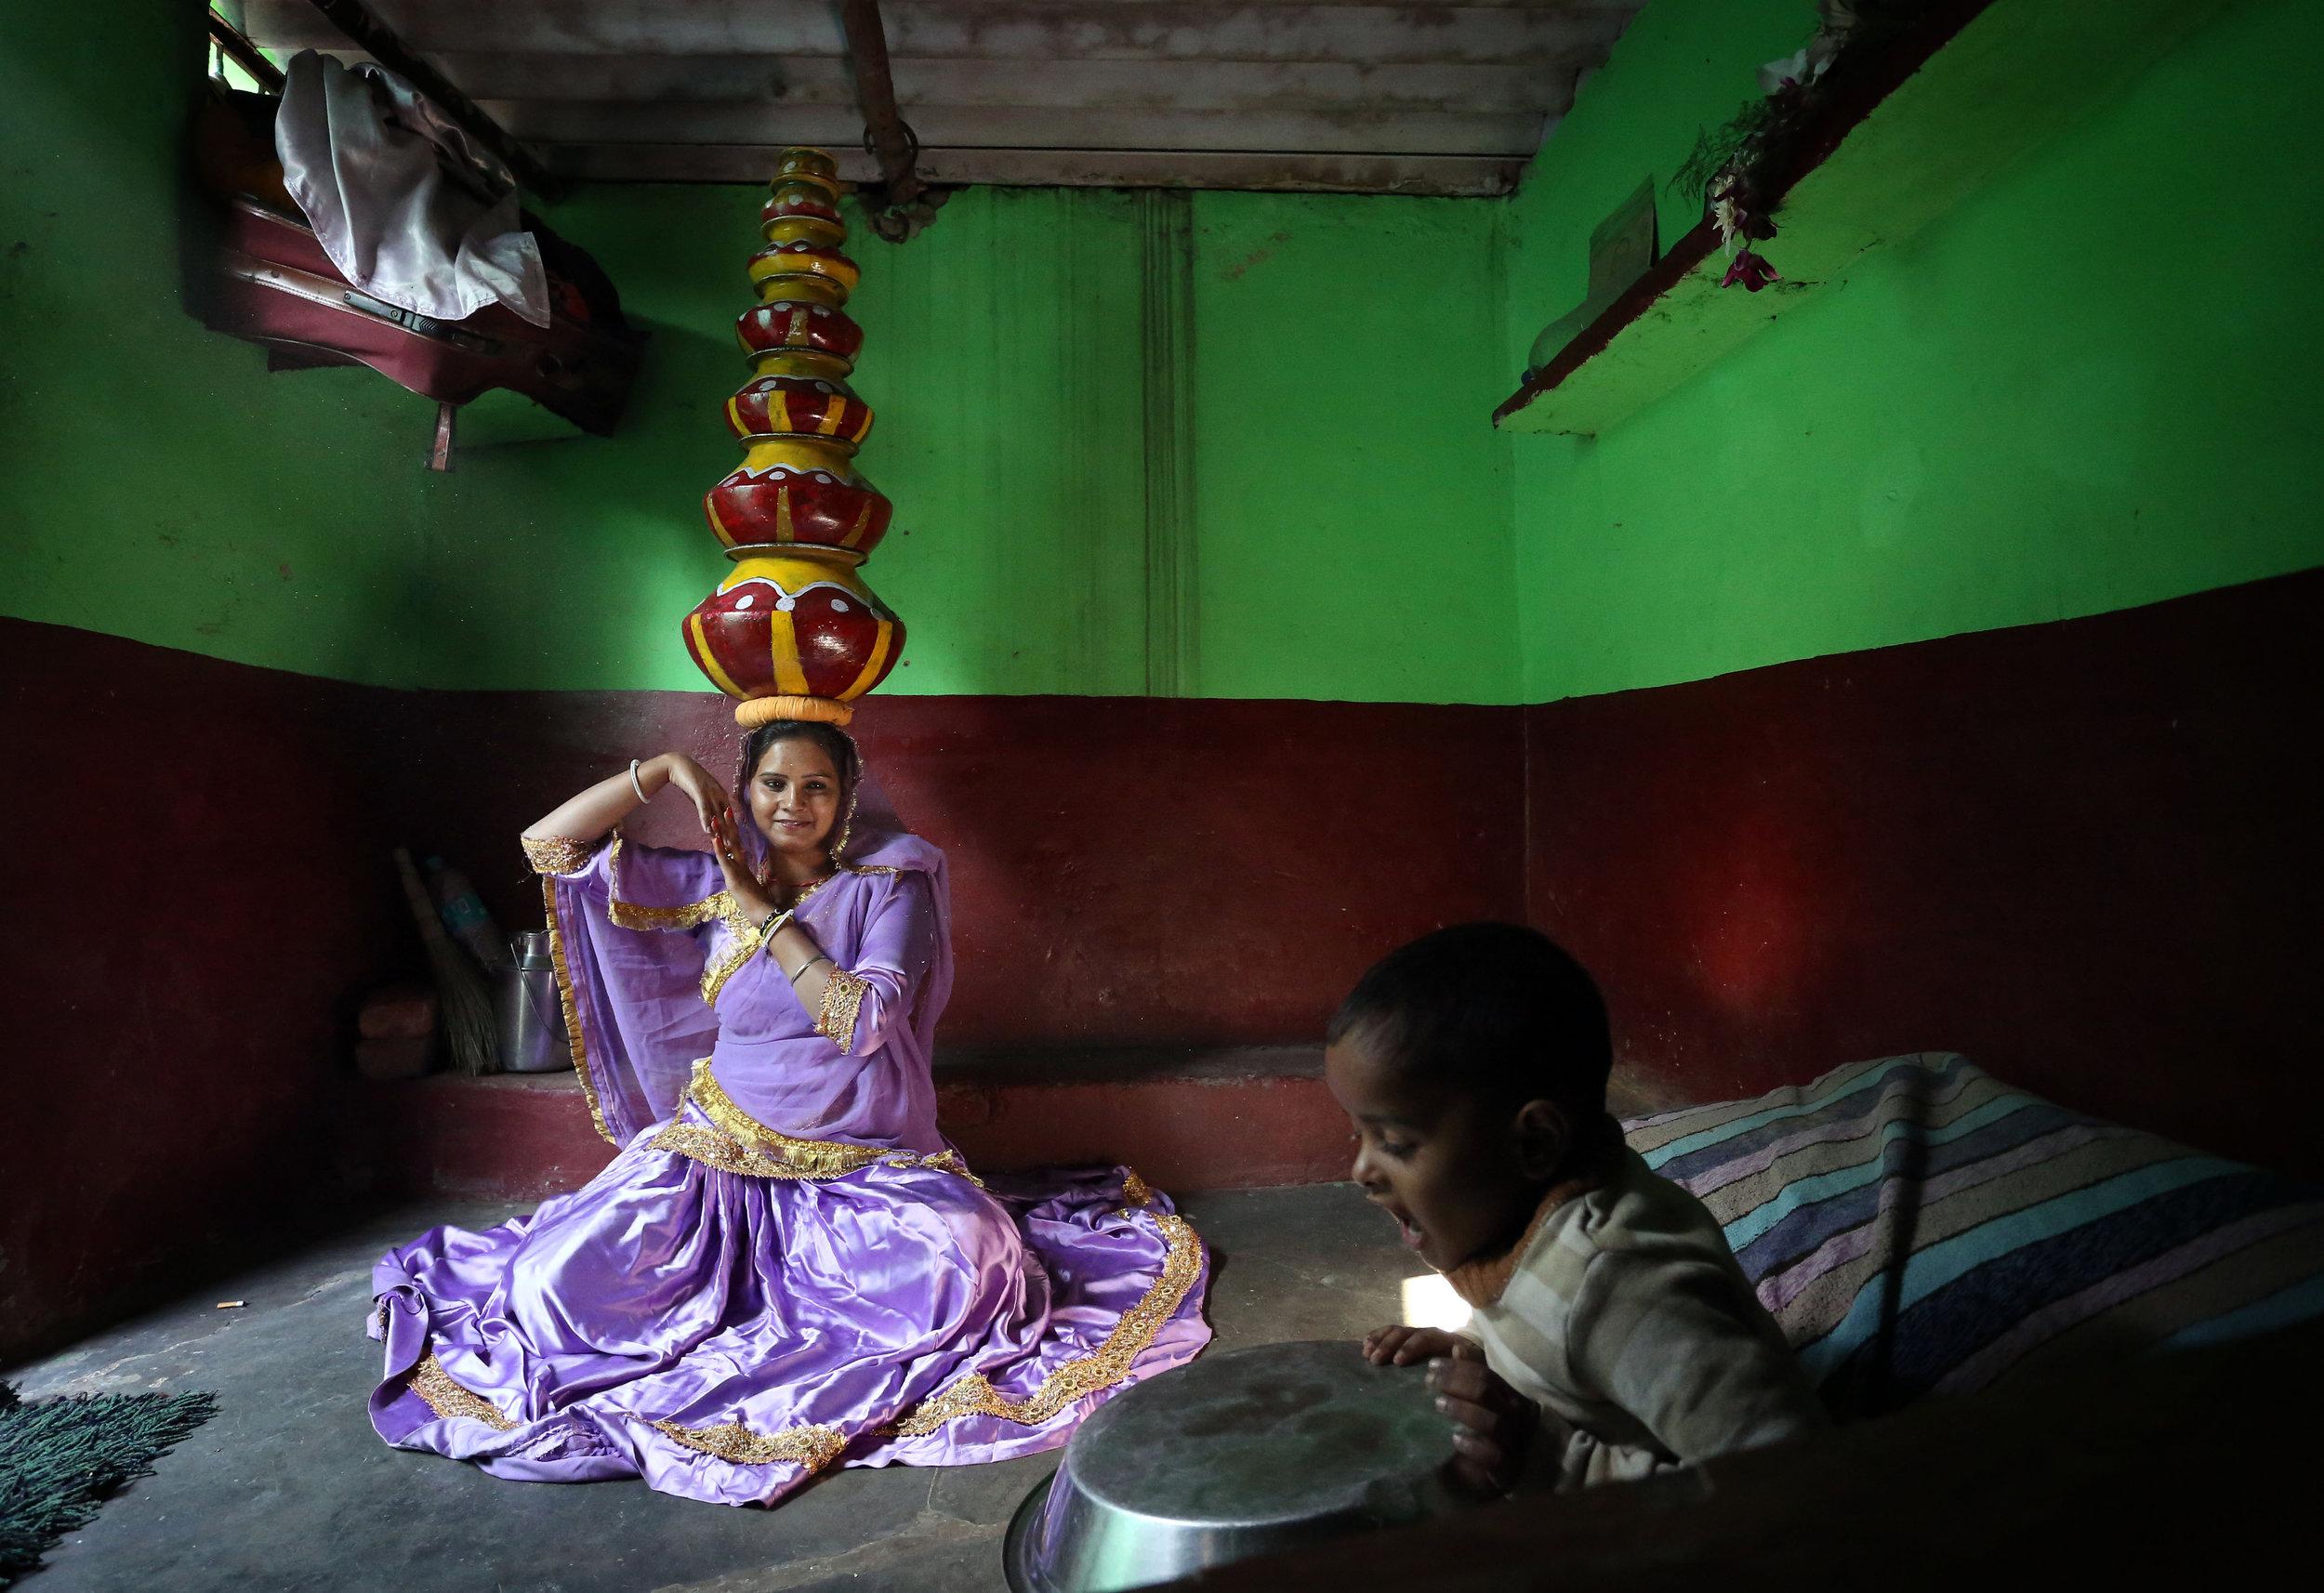 Bhavai dancer